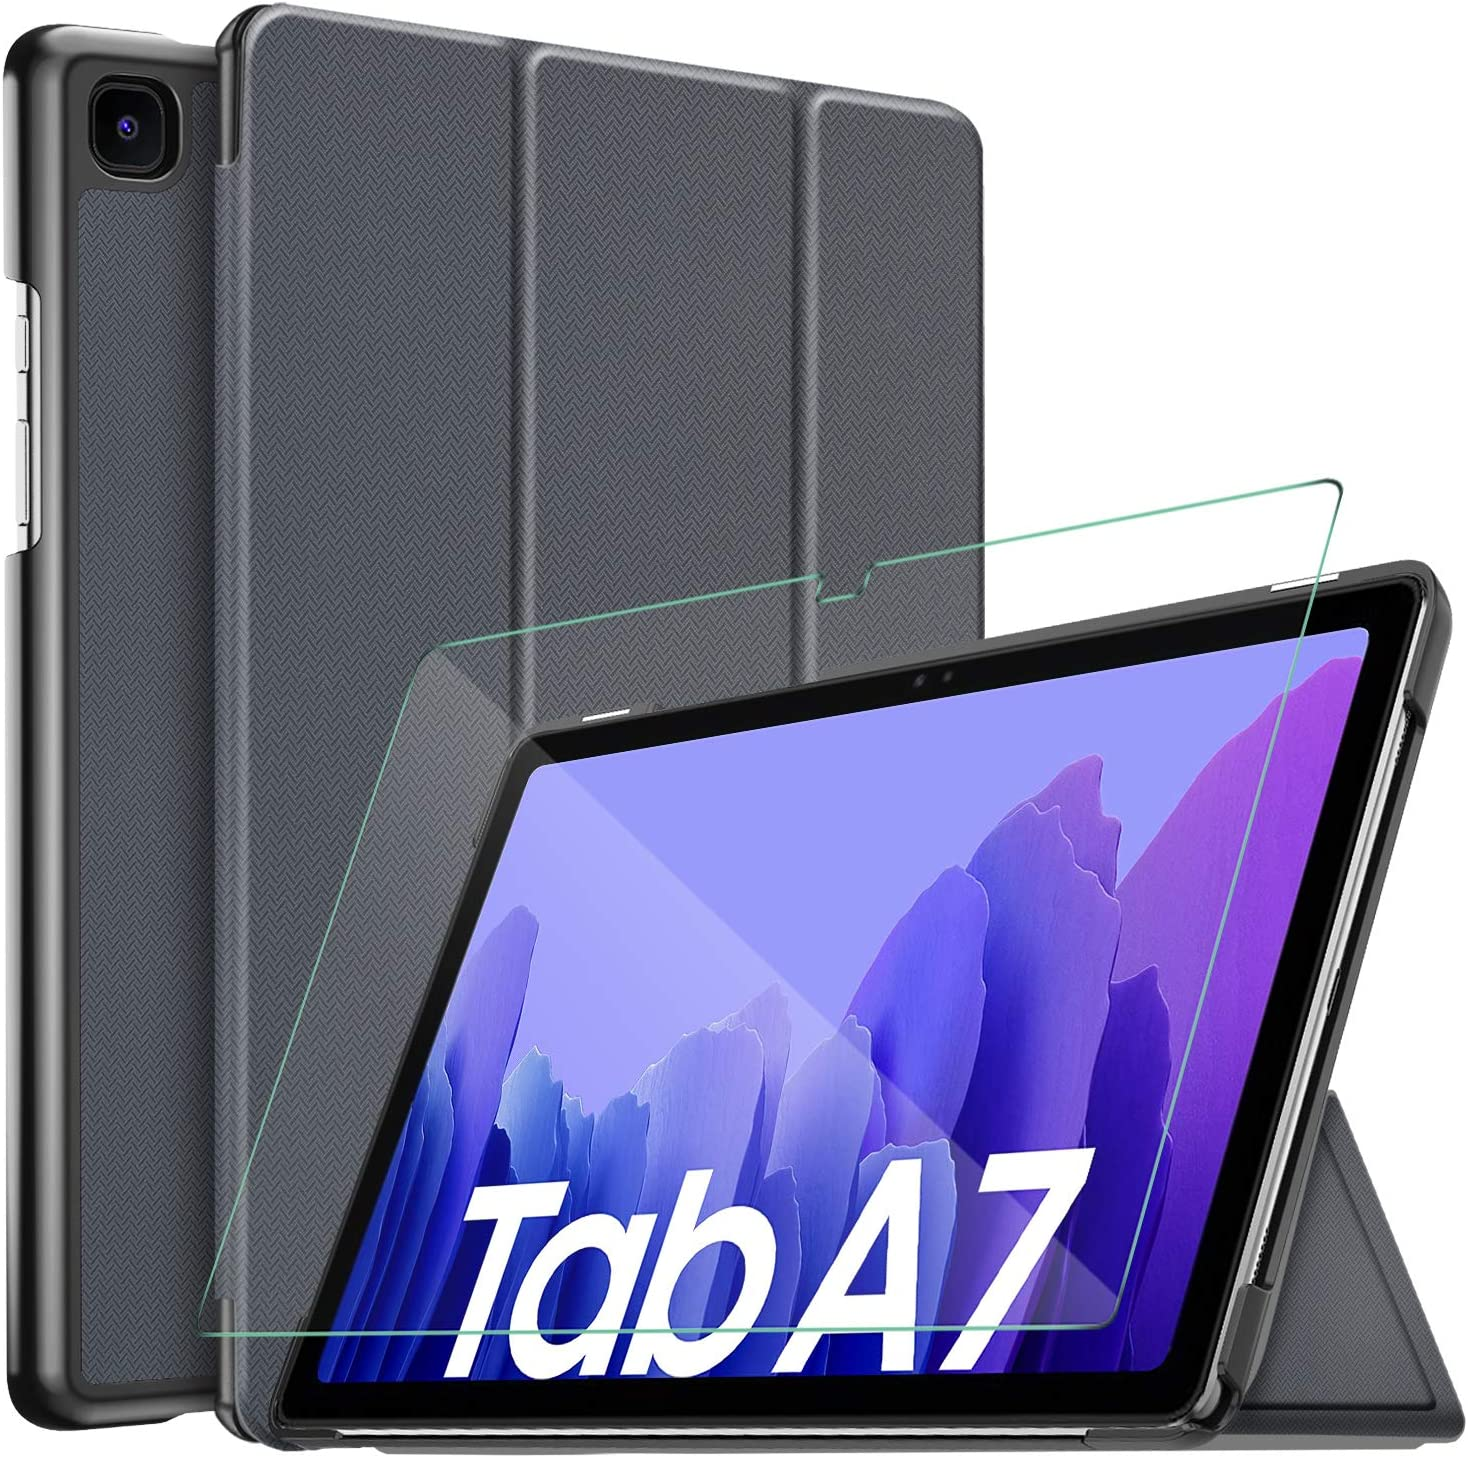 IVSO para Samsung Galaxy Tab A7 10.4 2020 Funda, Protector de Pantalla para Samsung Galaxy Tab A7 2020 con Funda para Samsung Galaxy Tab A7 T505/T500/T507 10.4 2020, Negro